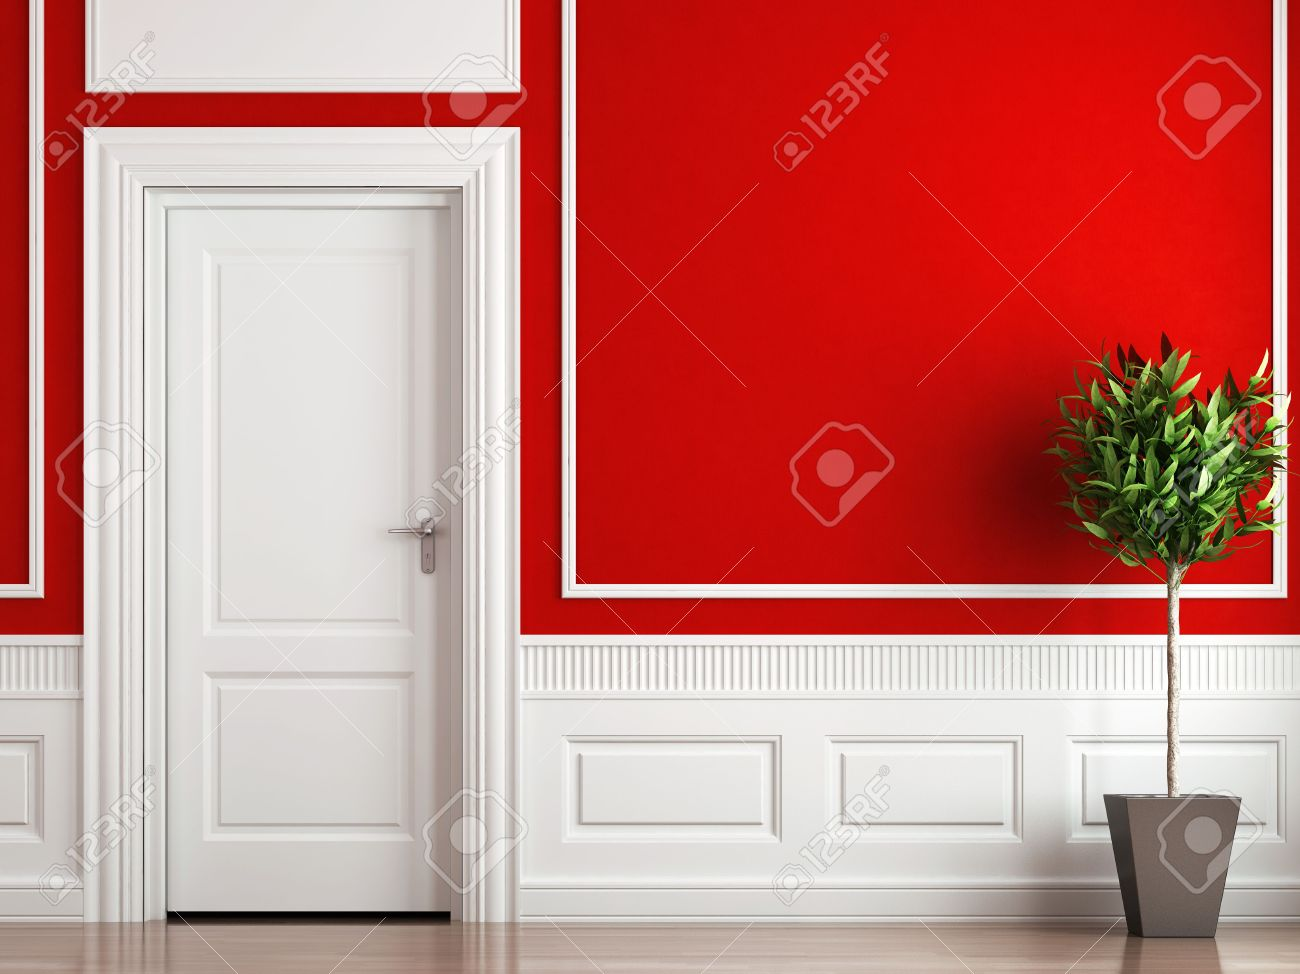 Interior design classique de la chambre en rouge et blanc ...